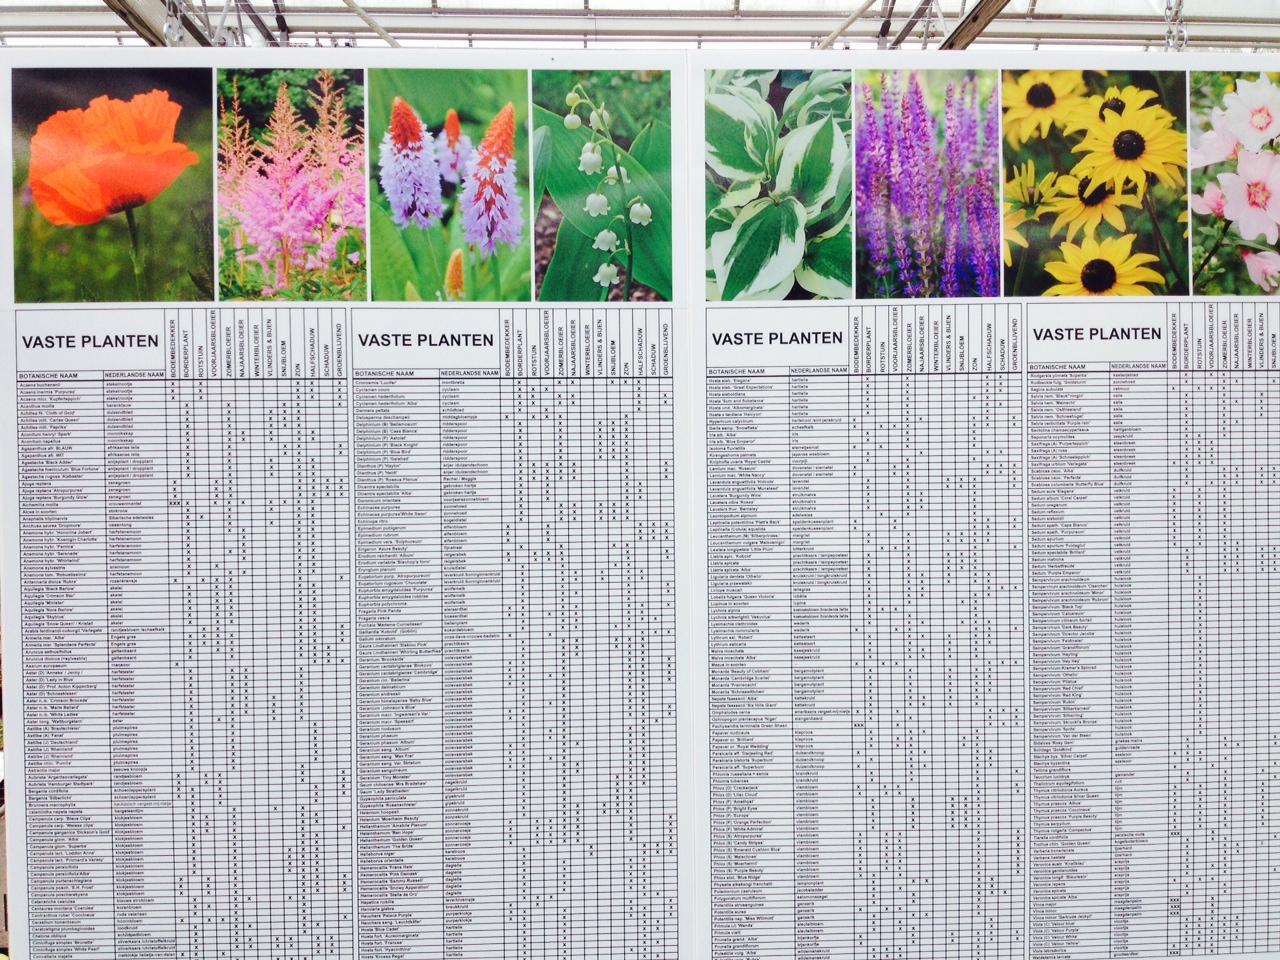 eigenschappen vaste planten